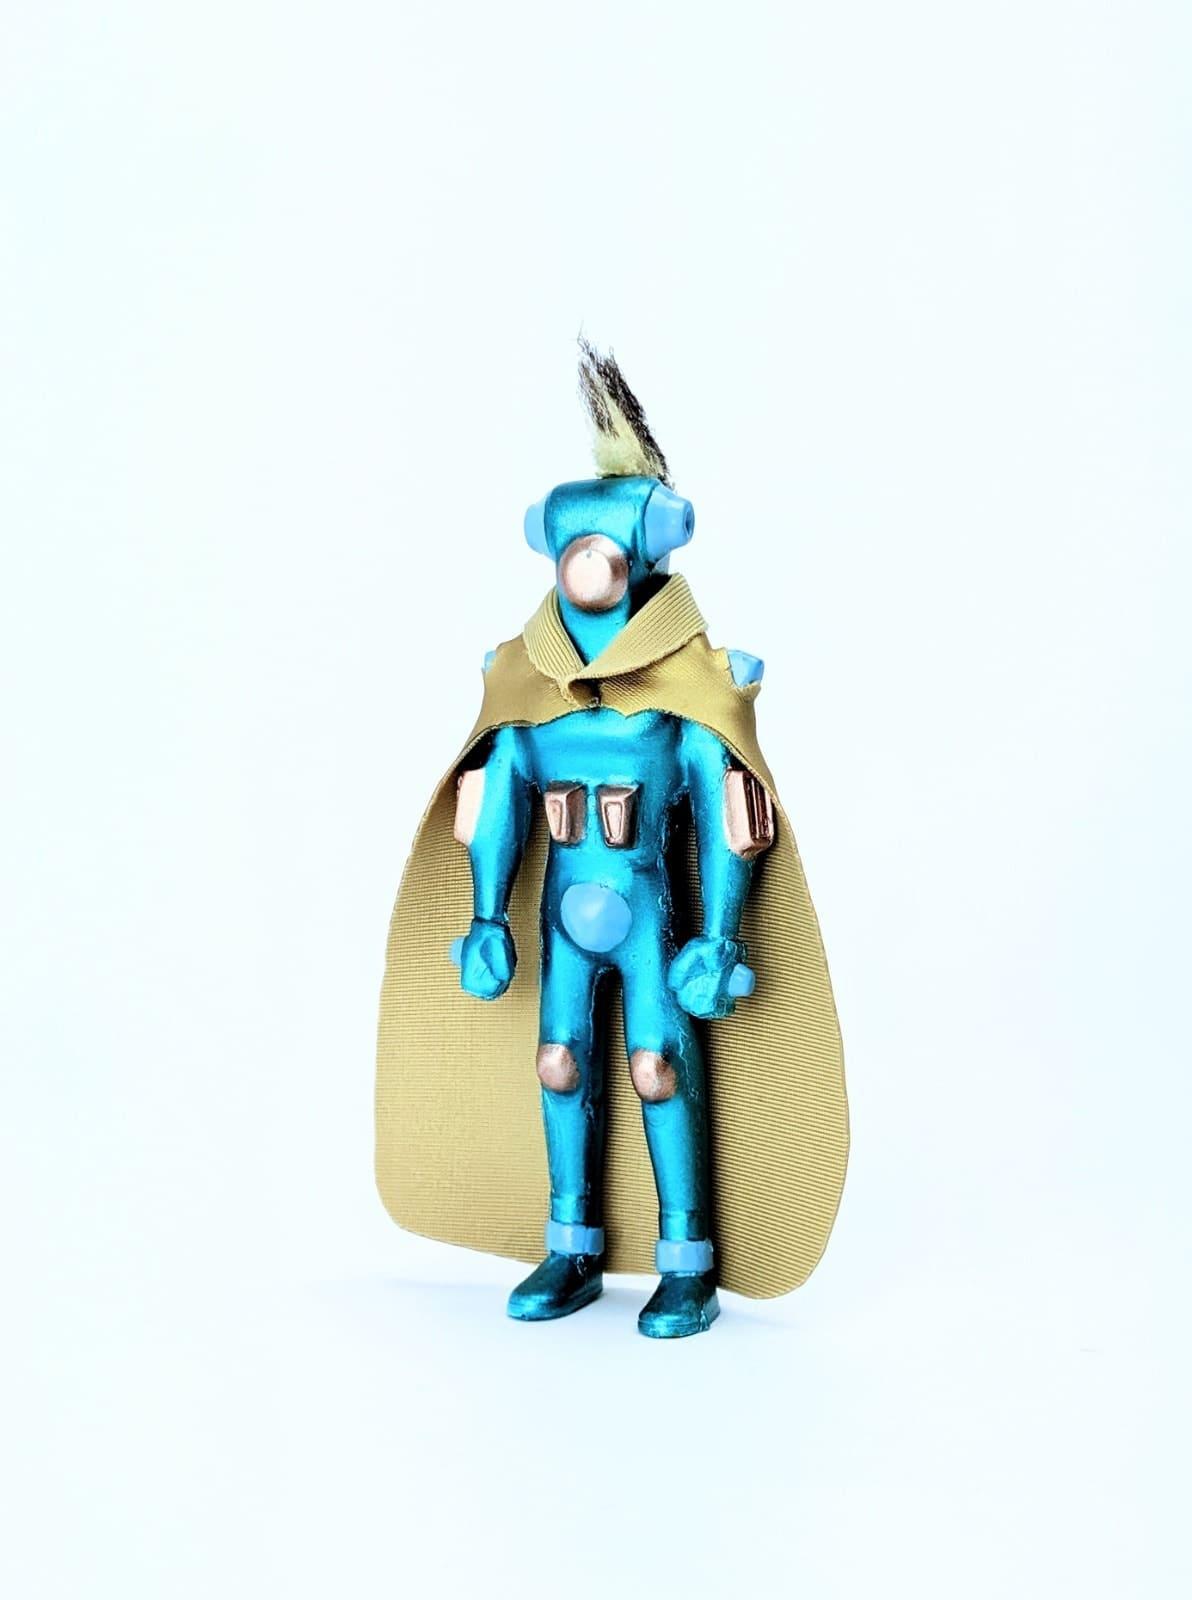 Empiroka Loose Irikanji Facter Resin Art Toy